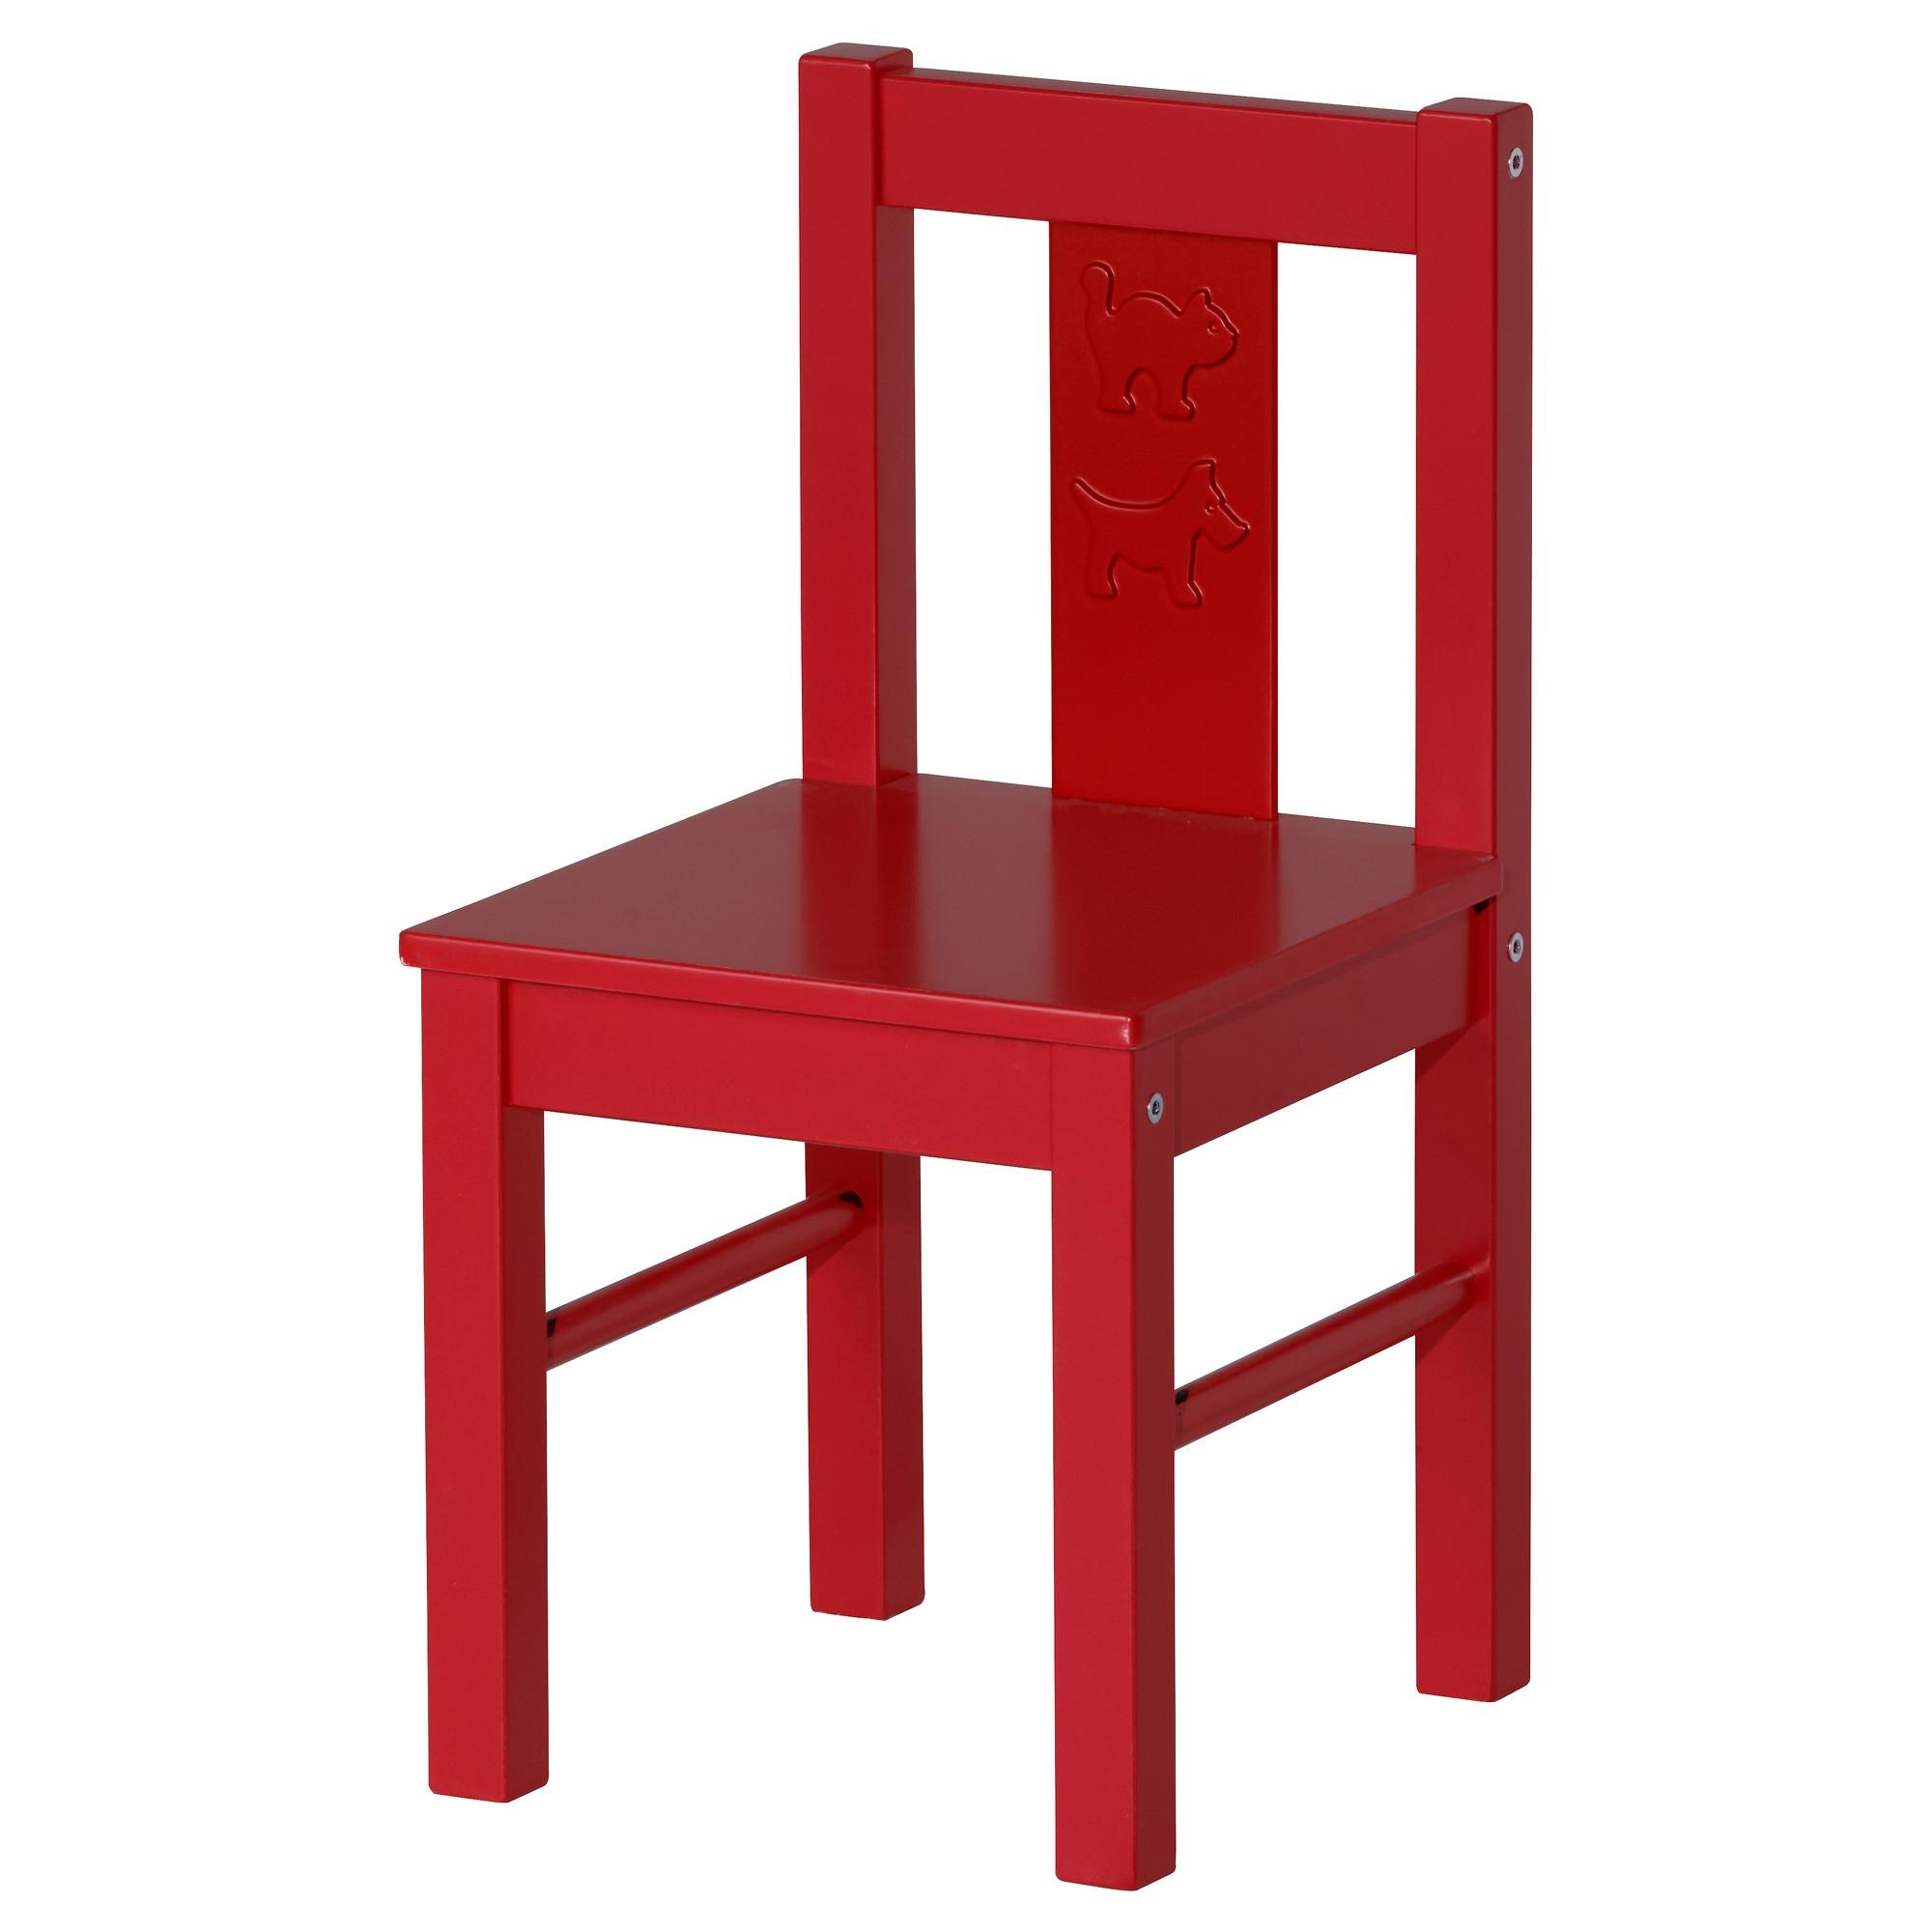 Kritter silla para ni o - Silla stockholm ikea ...